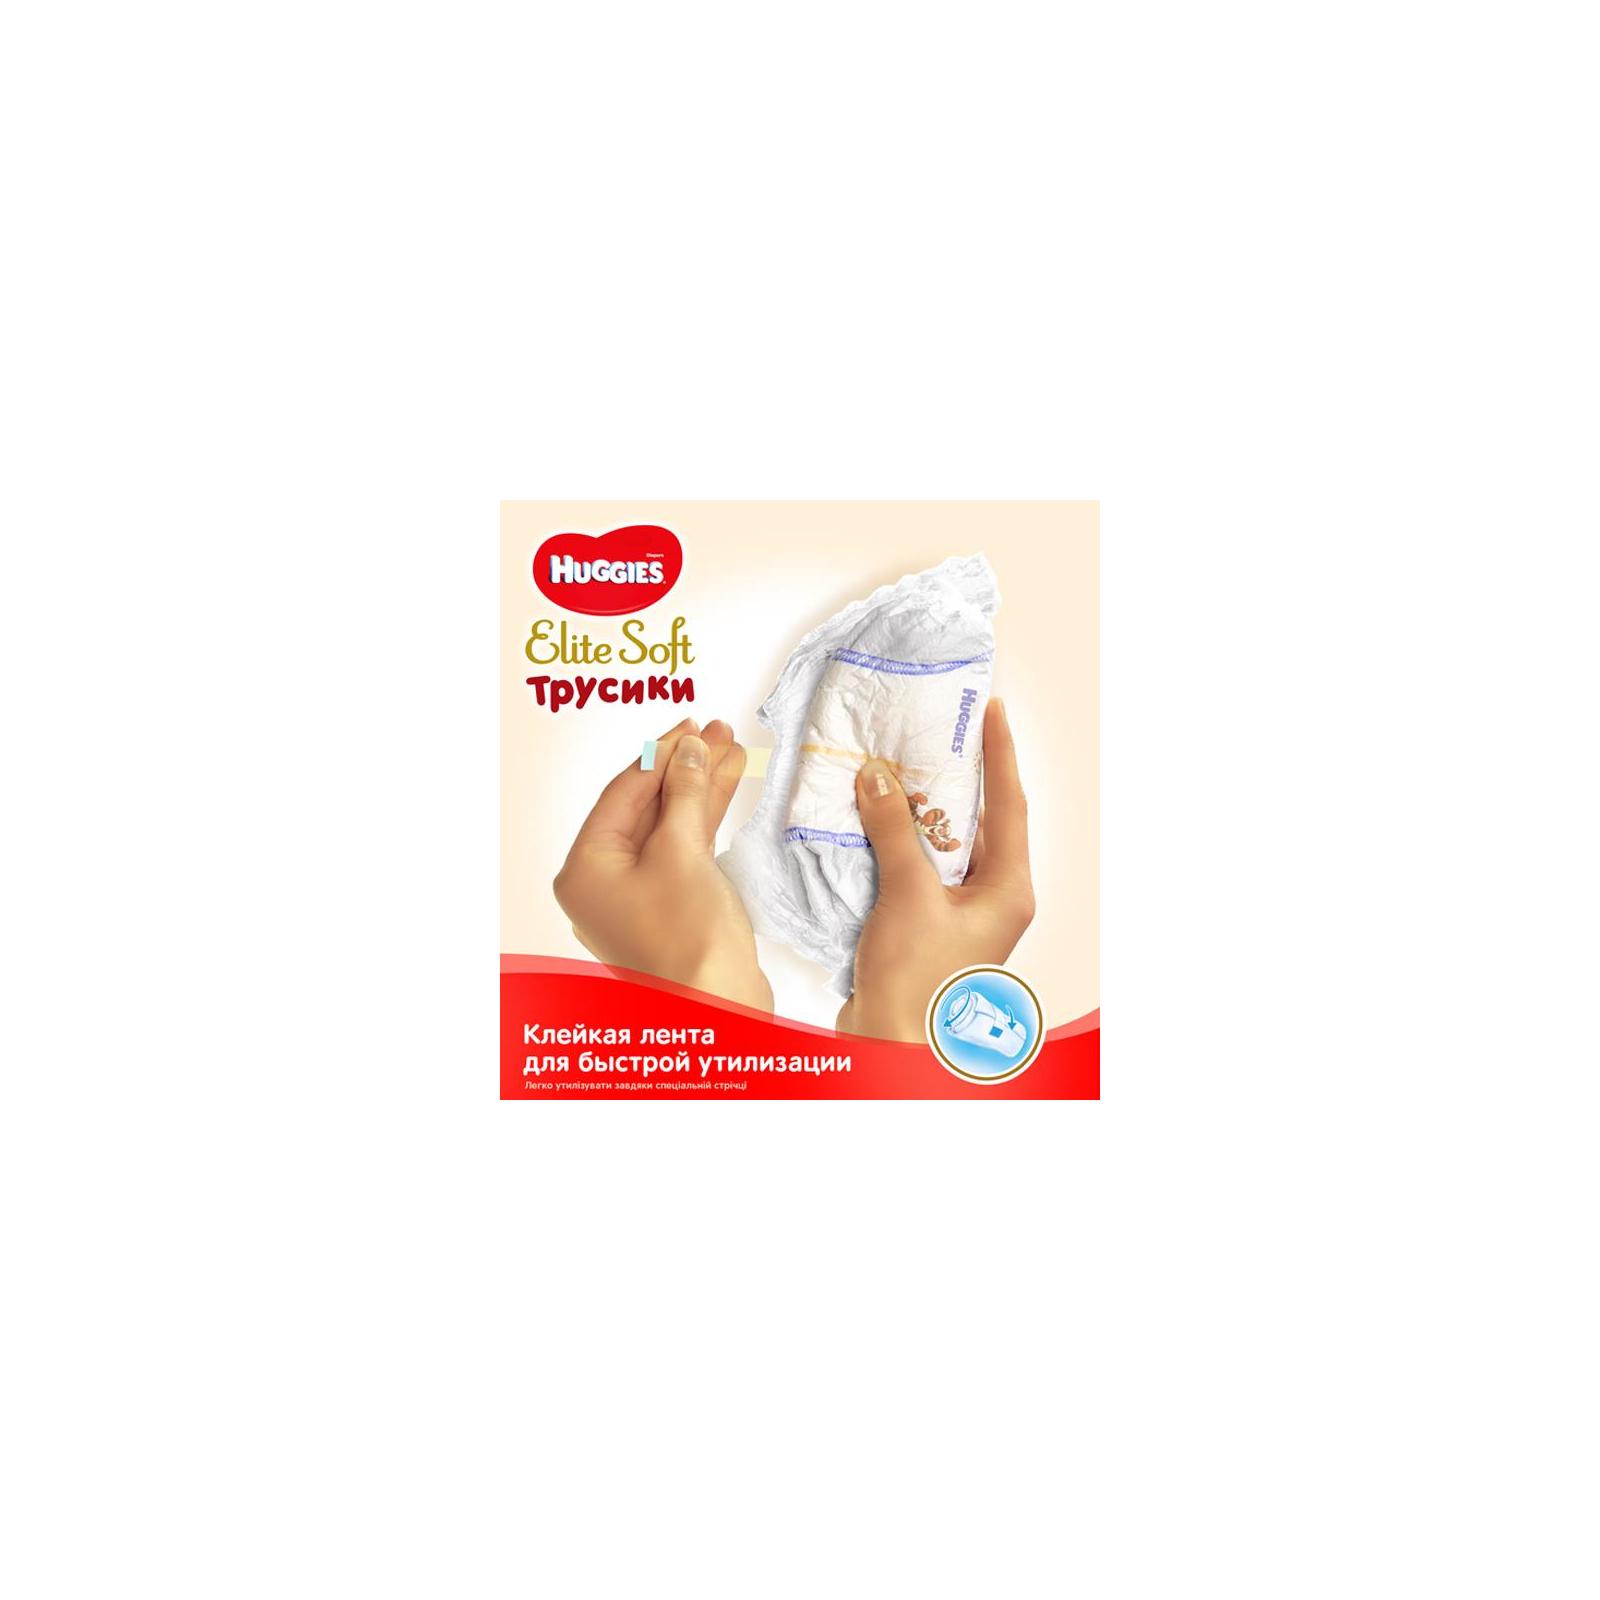 Подгузник Huggies Elite Soft Pants L размер 4 (9-14 кг) Mega 42 шт (5029053547008) изображение 6